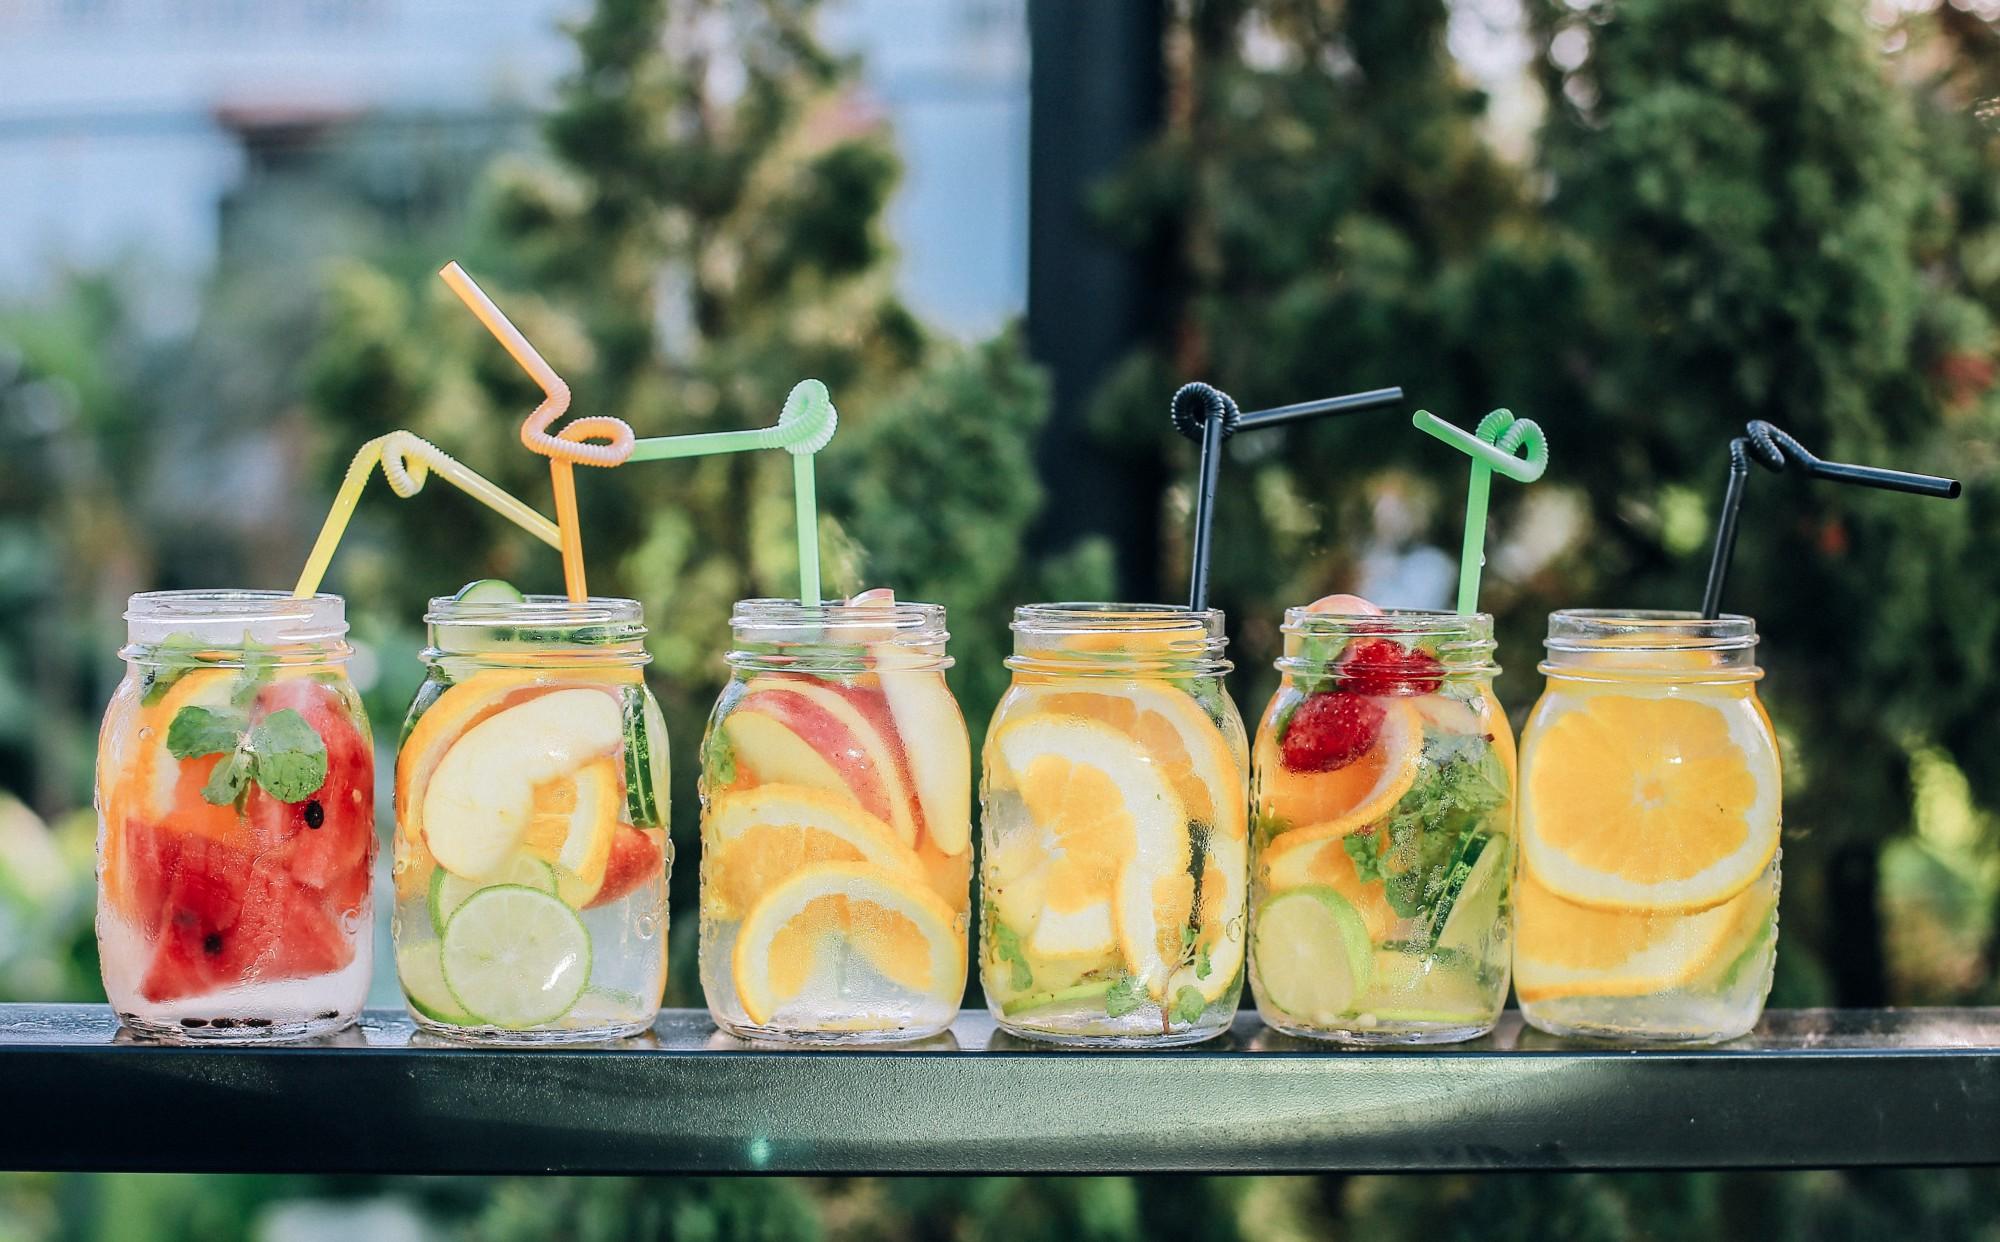 Imagem de drinks tropicais com frutas dentro de copos de vidro com canudos de cores diferentes. Foto por Kaizen Nguyễn no Unsplash